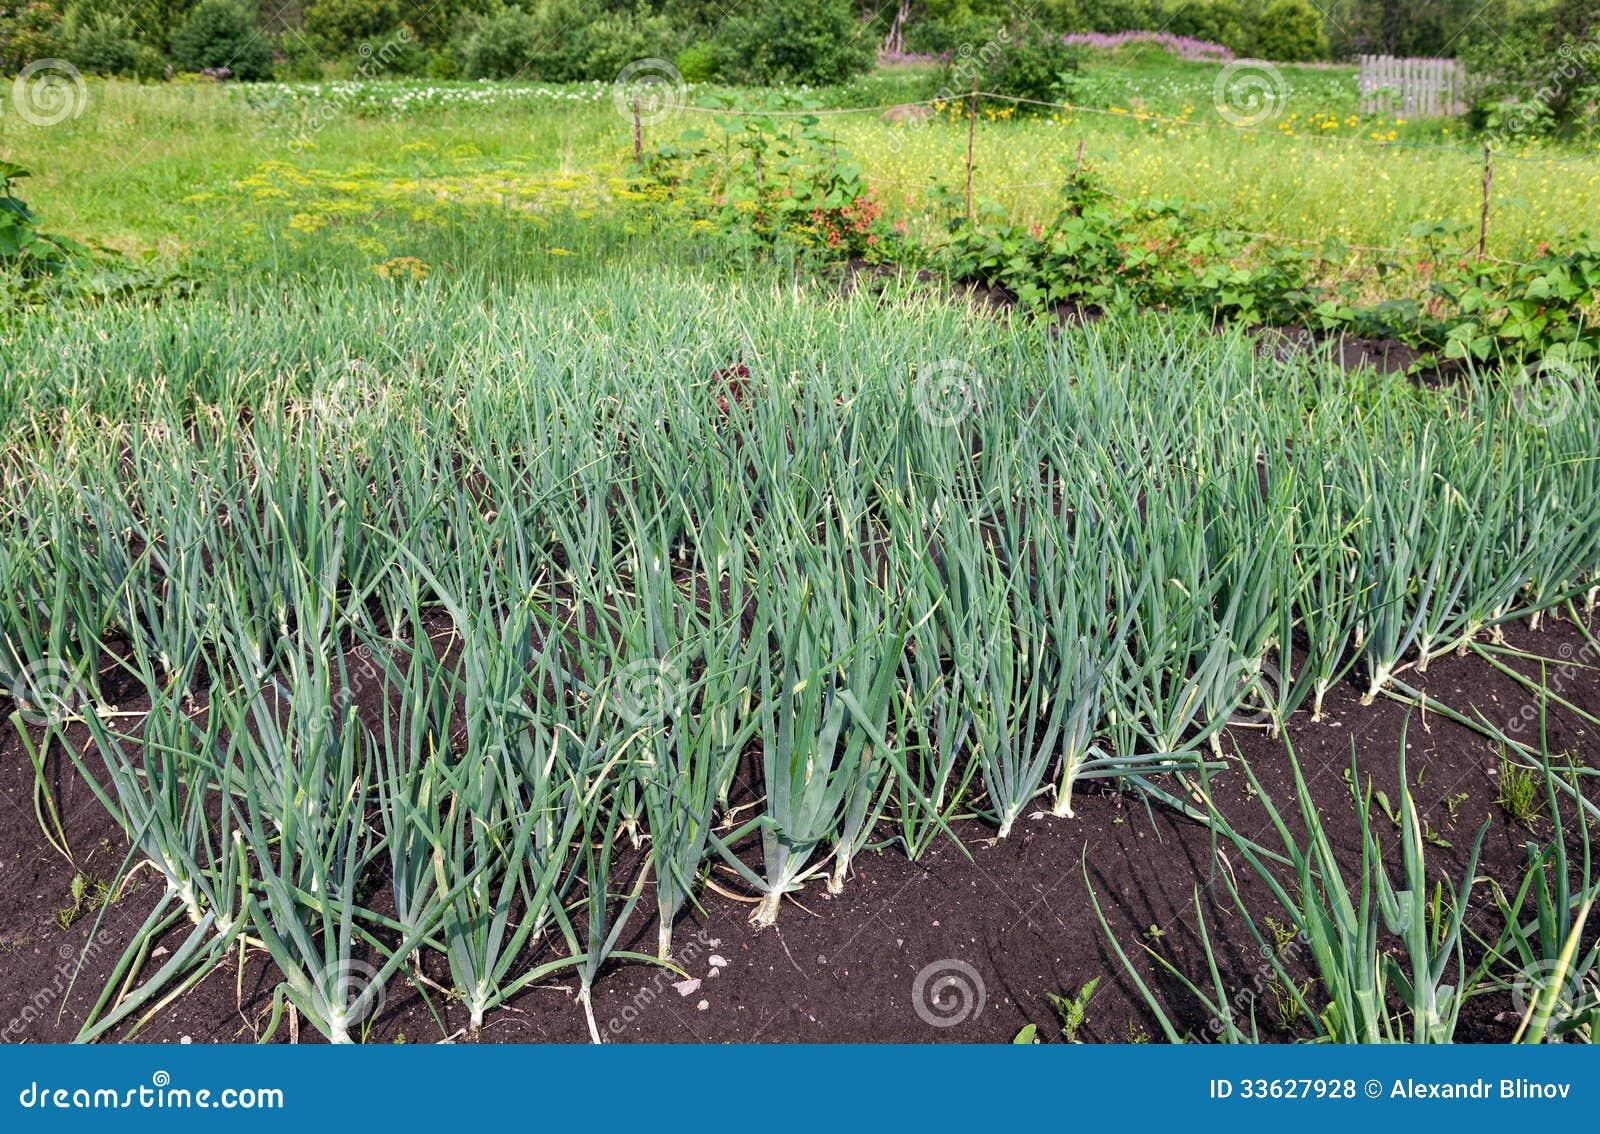 Comment Cultiver Les Oignons planter des oignons avec la lune – leavepull.live